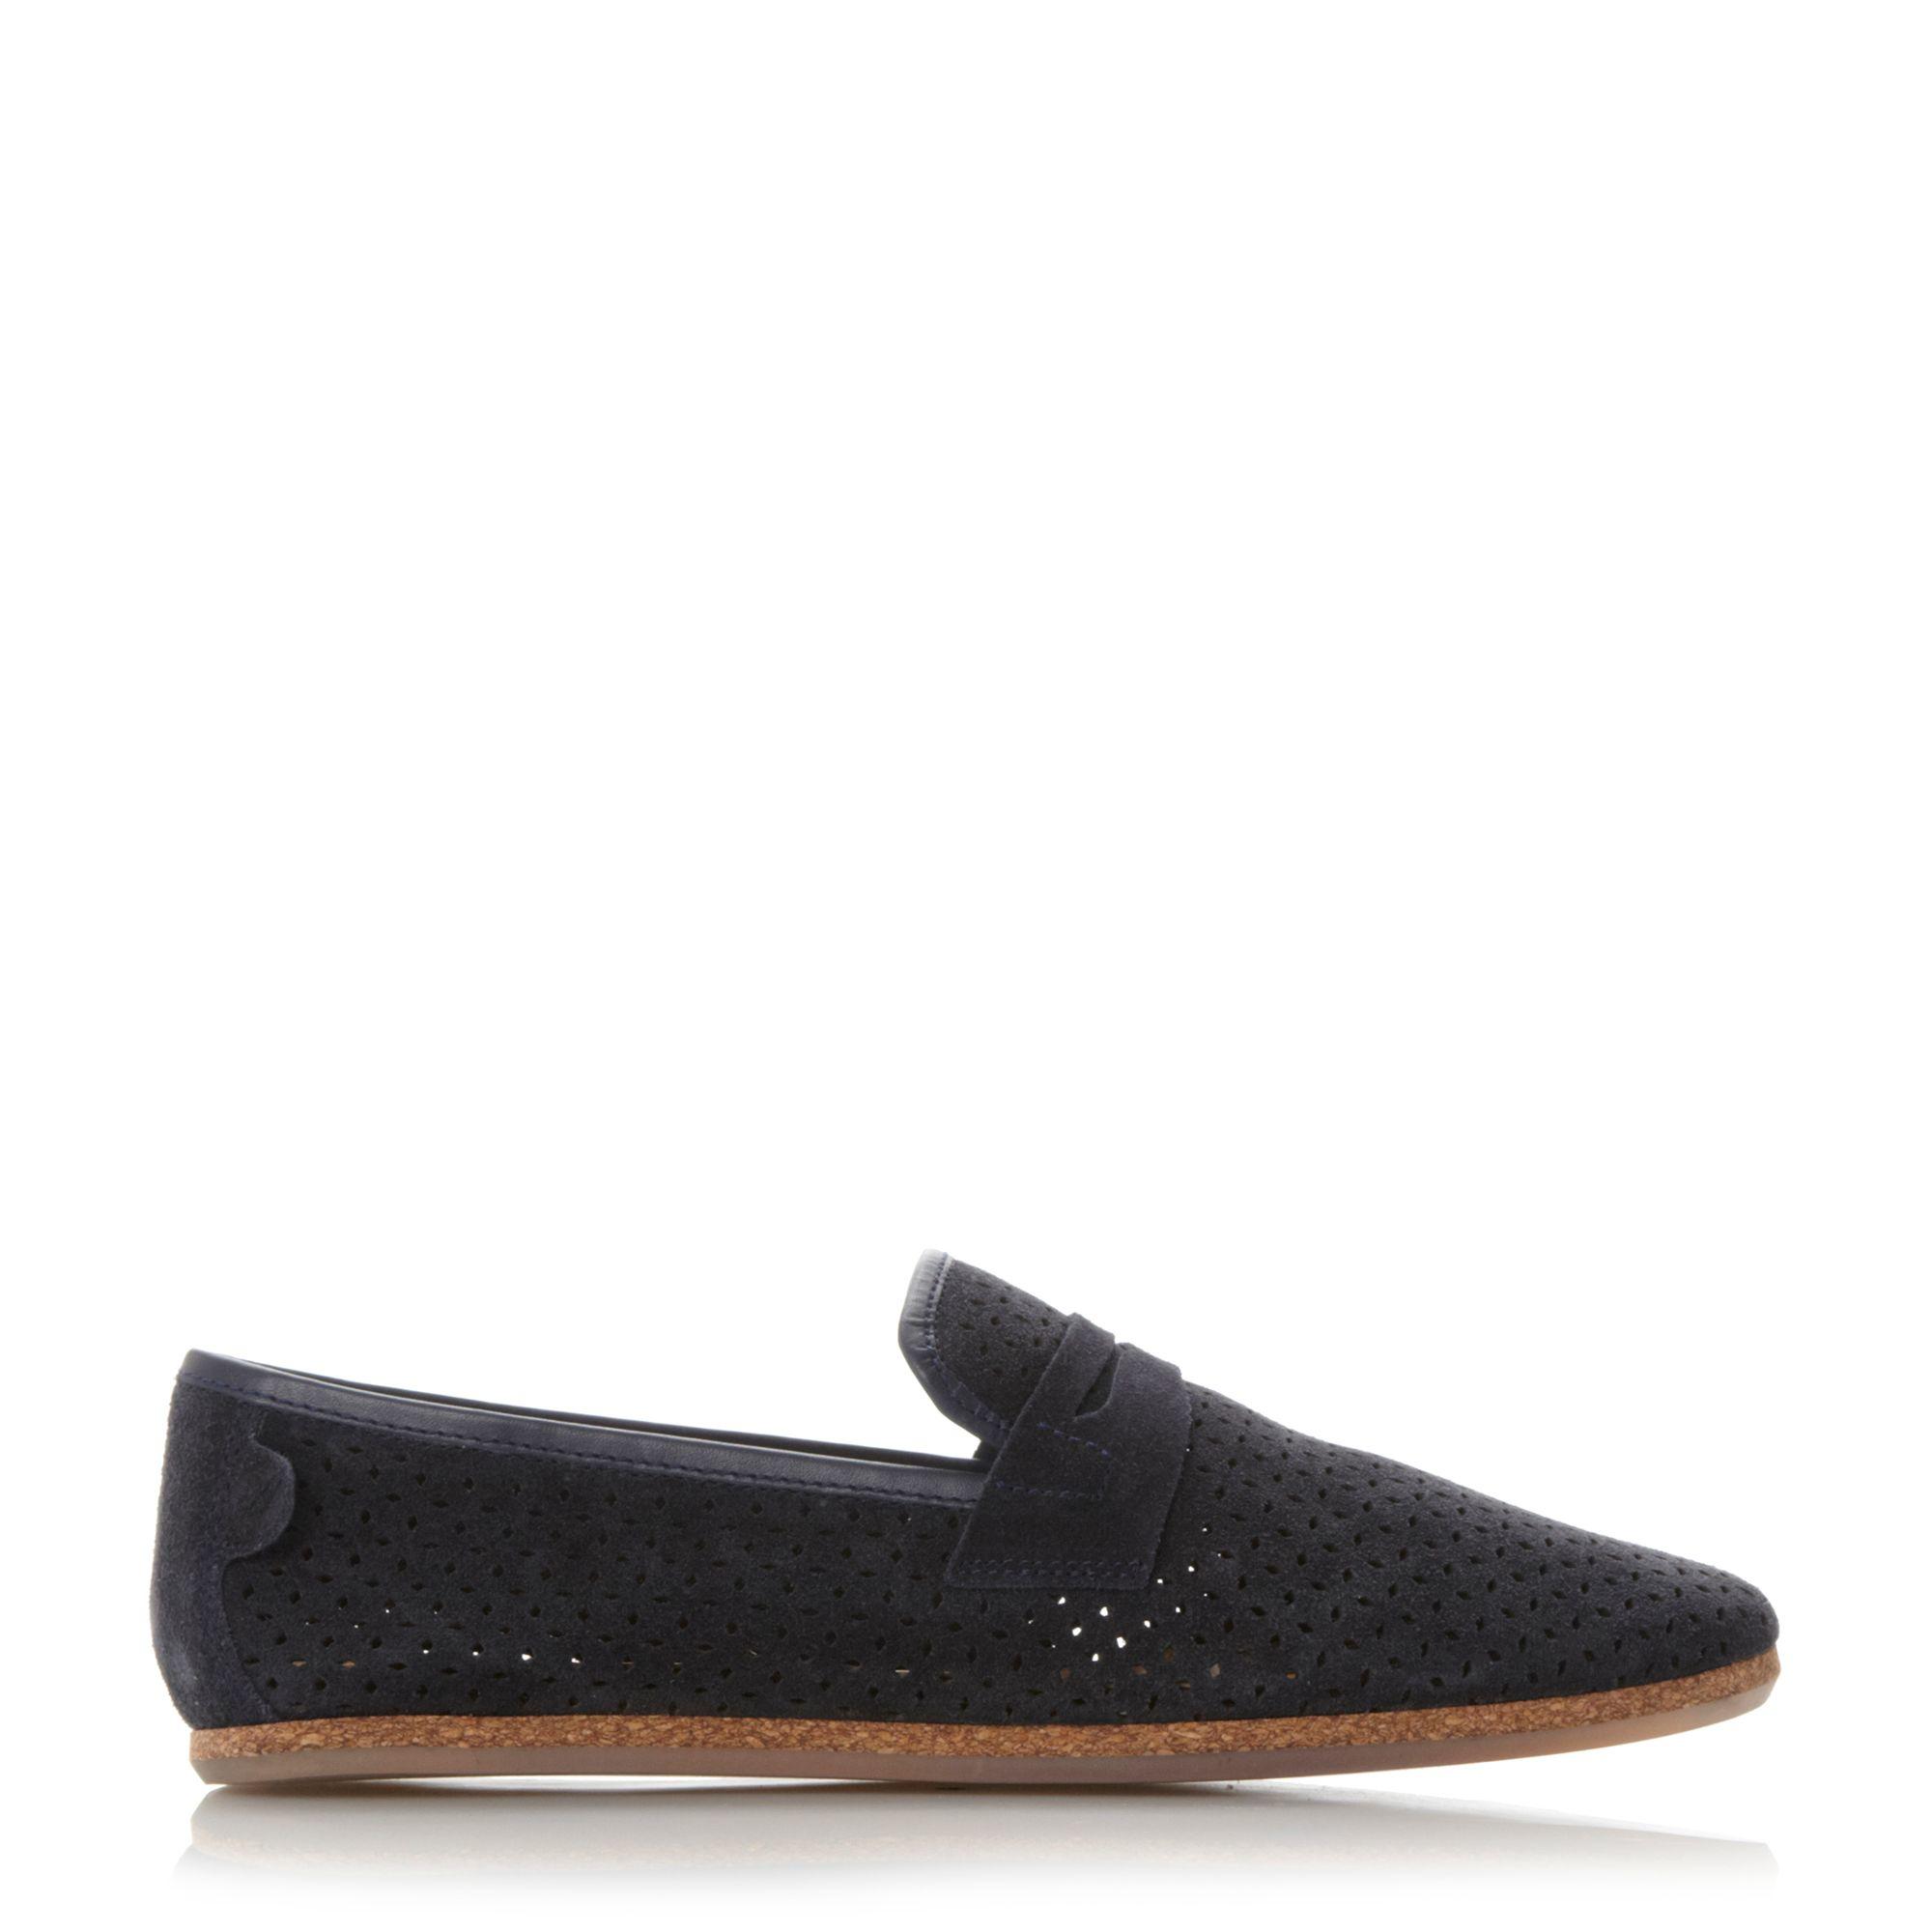 h by hudson platt perf suede loafers in black for men lyst. Black Bedroom Furniture Sets. Home Design Ideas